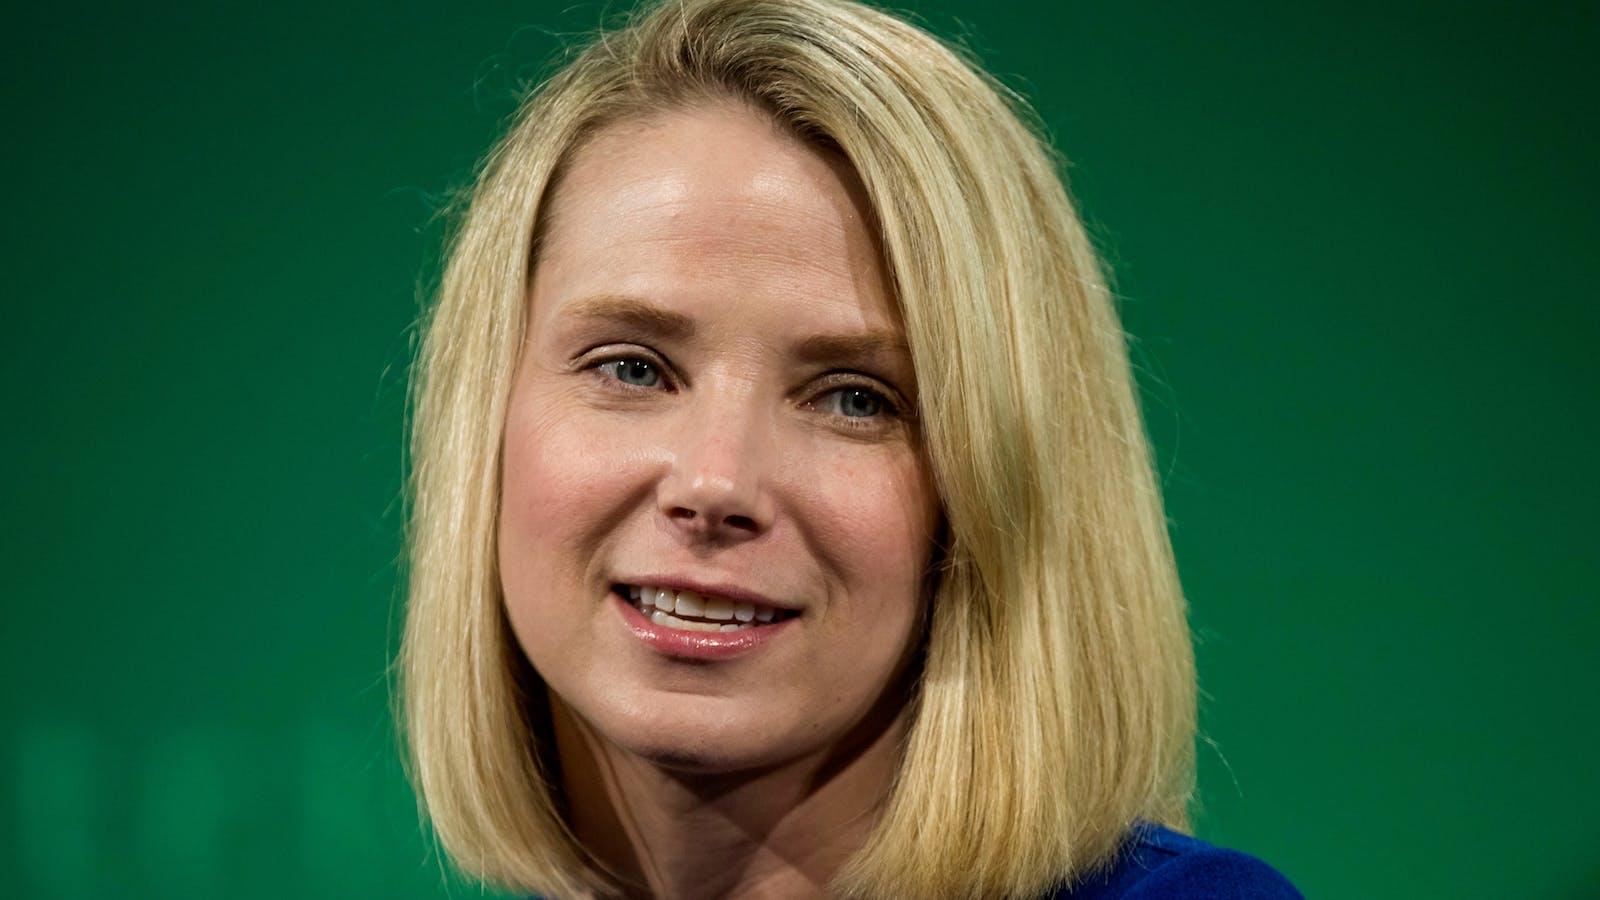 Yahoo CEO Marissa Mayer. Photo by Bloomberg.